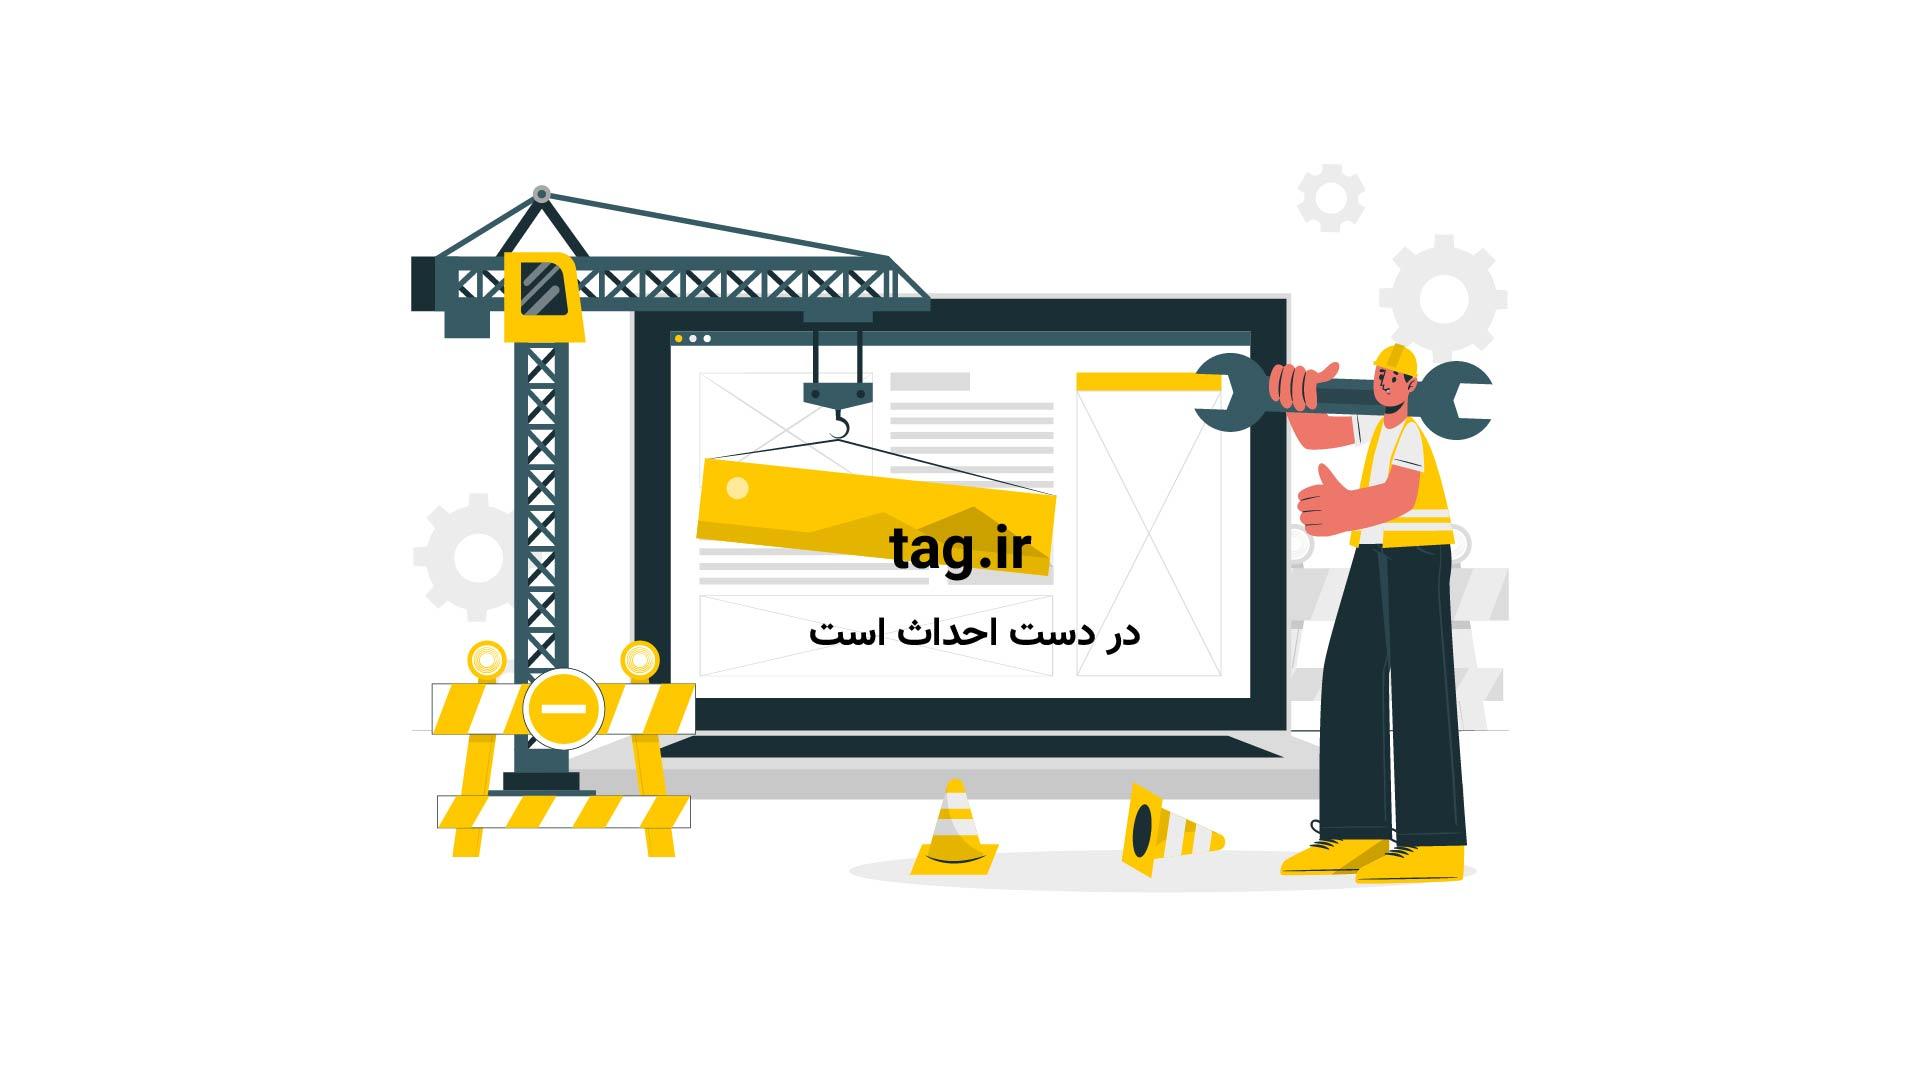 طوفان ماریا | تگ